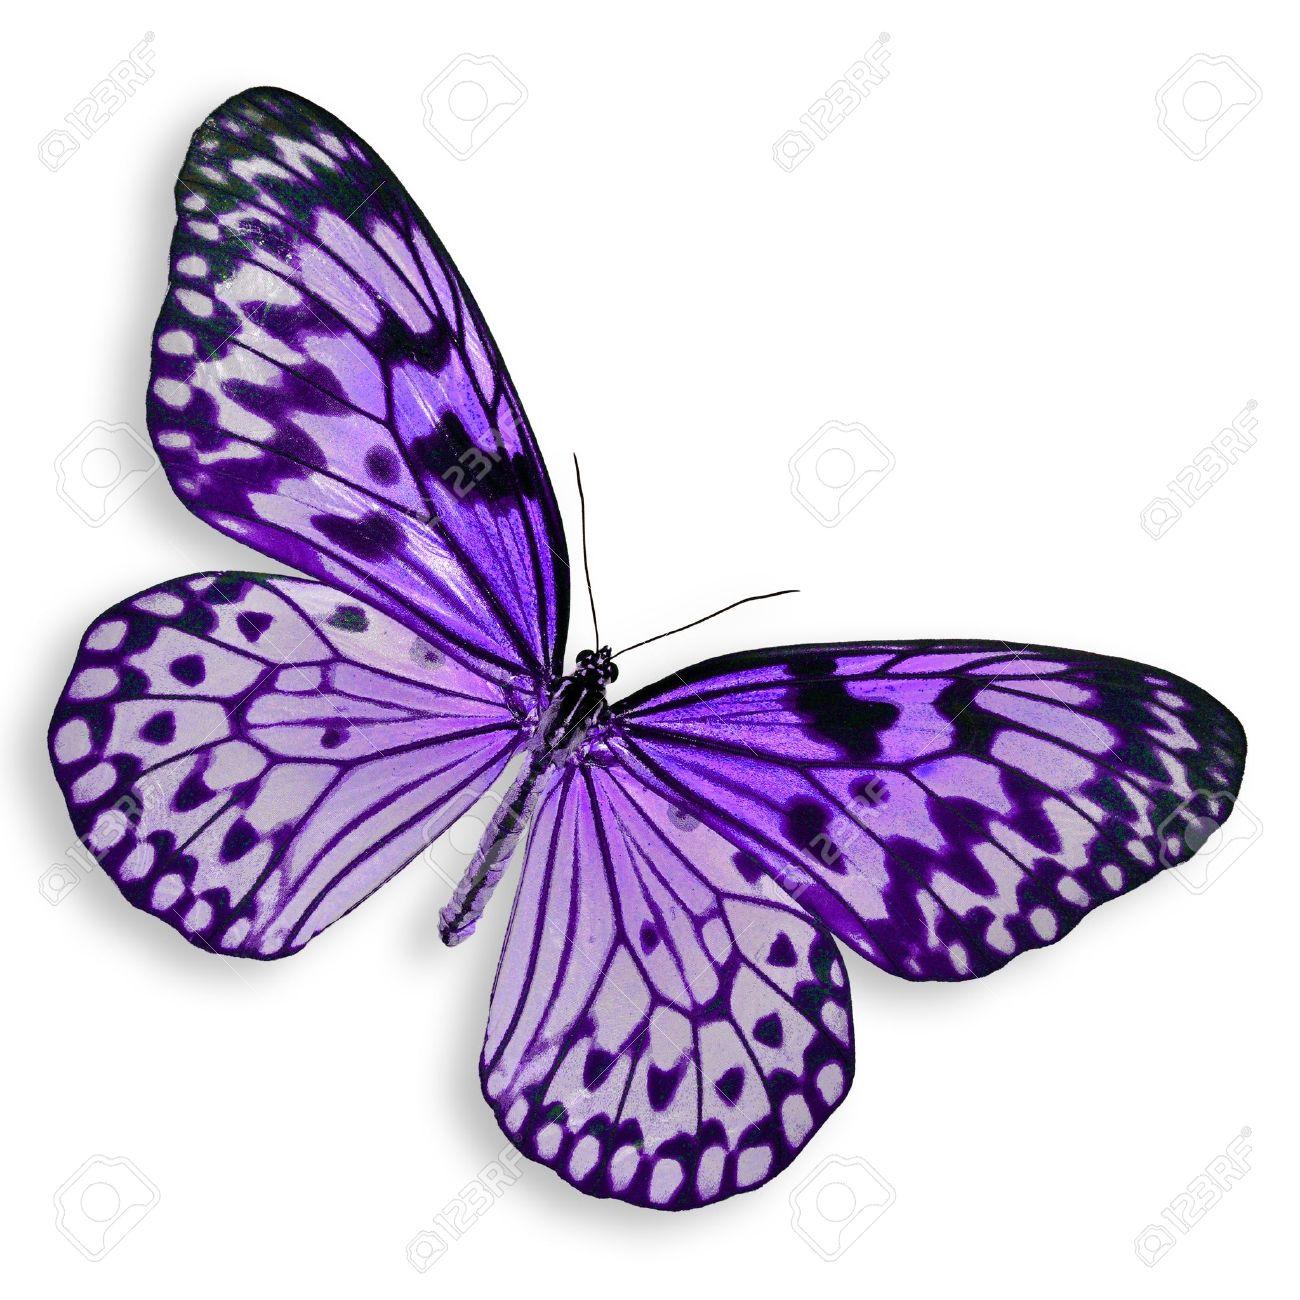 Purple butterfly flying